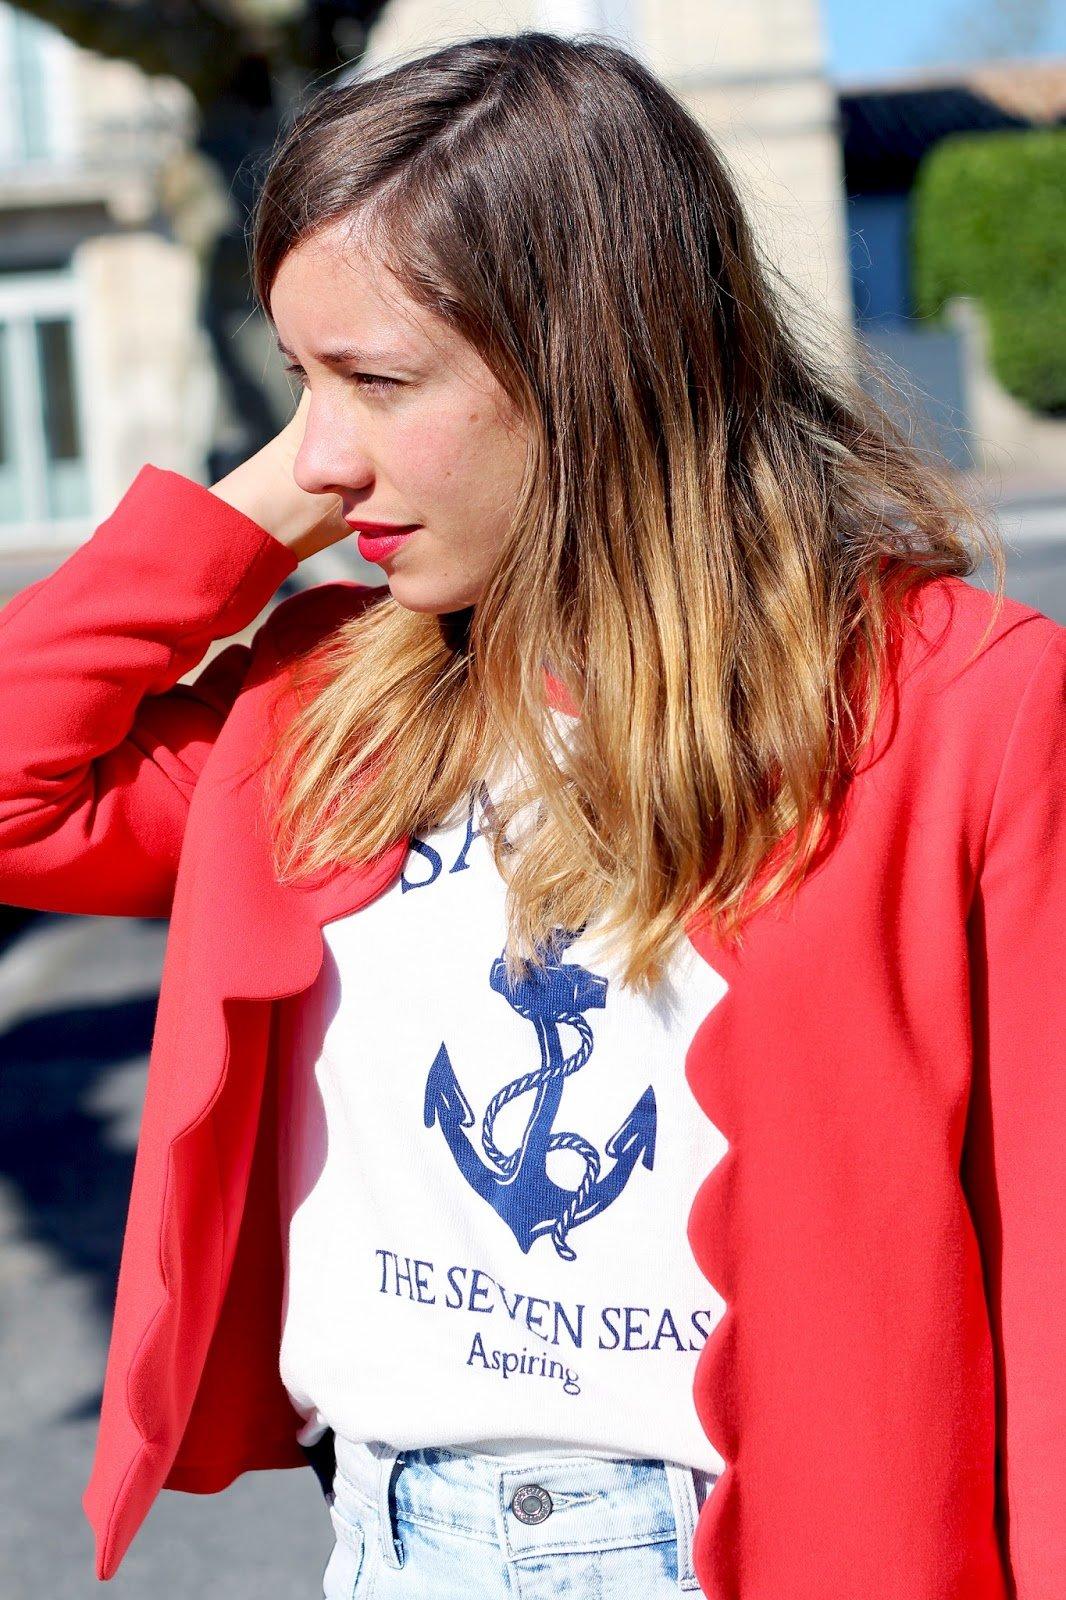 Veste rouge festonnée